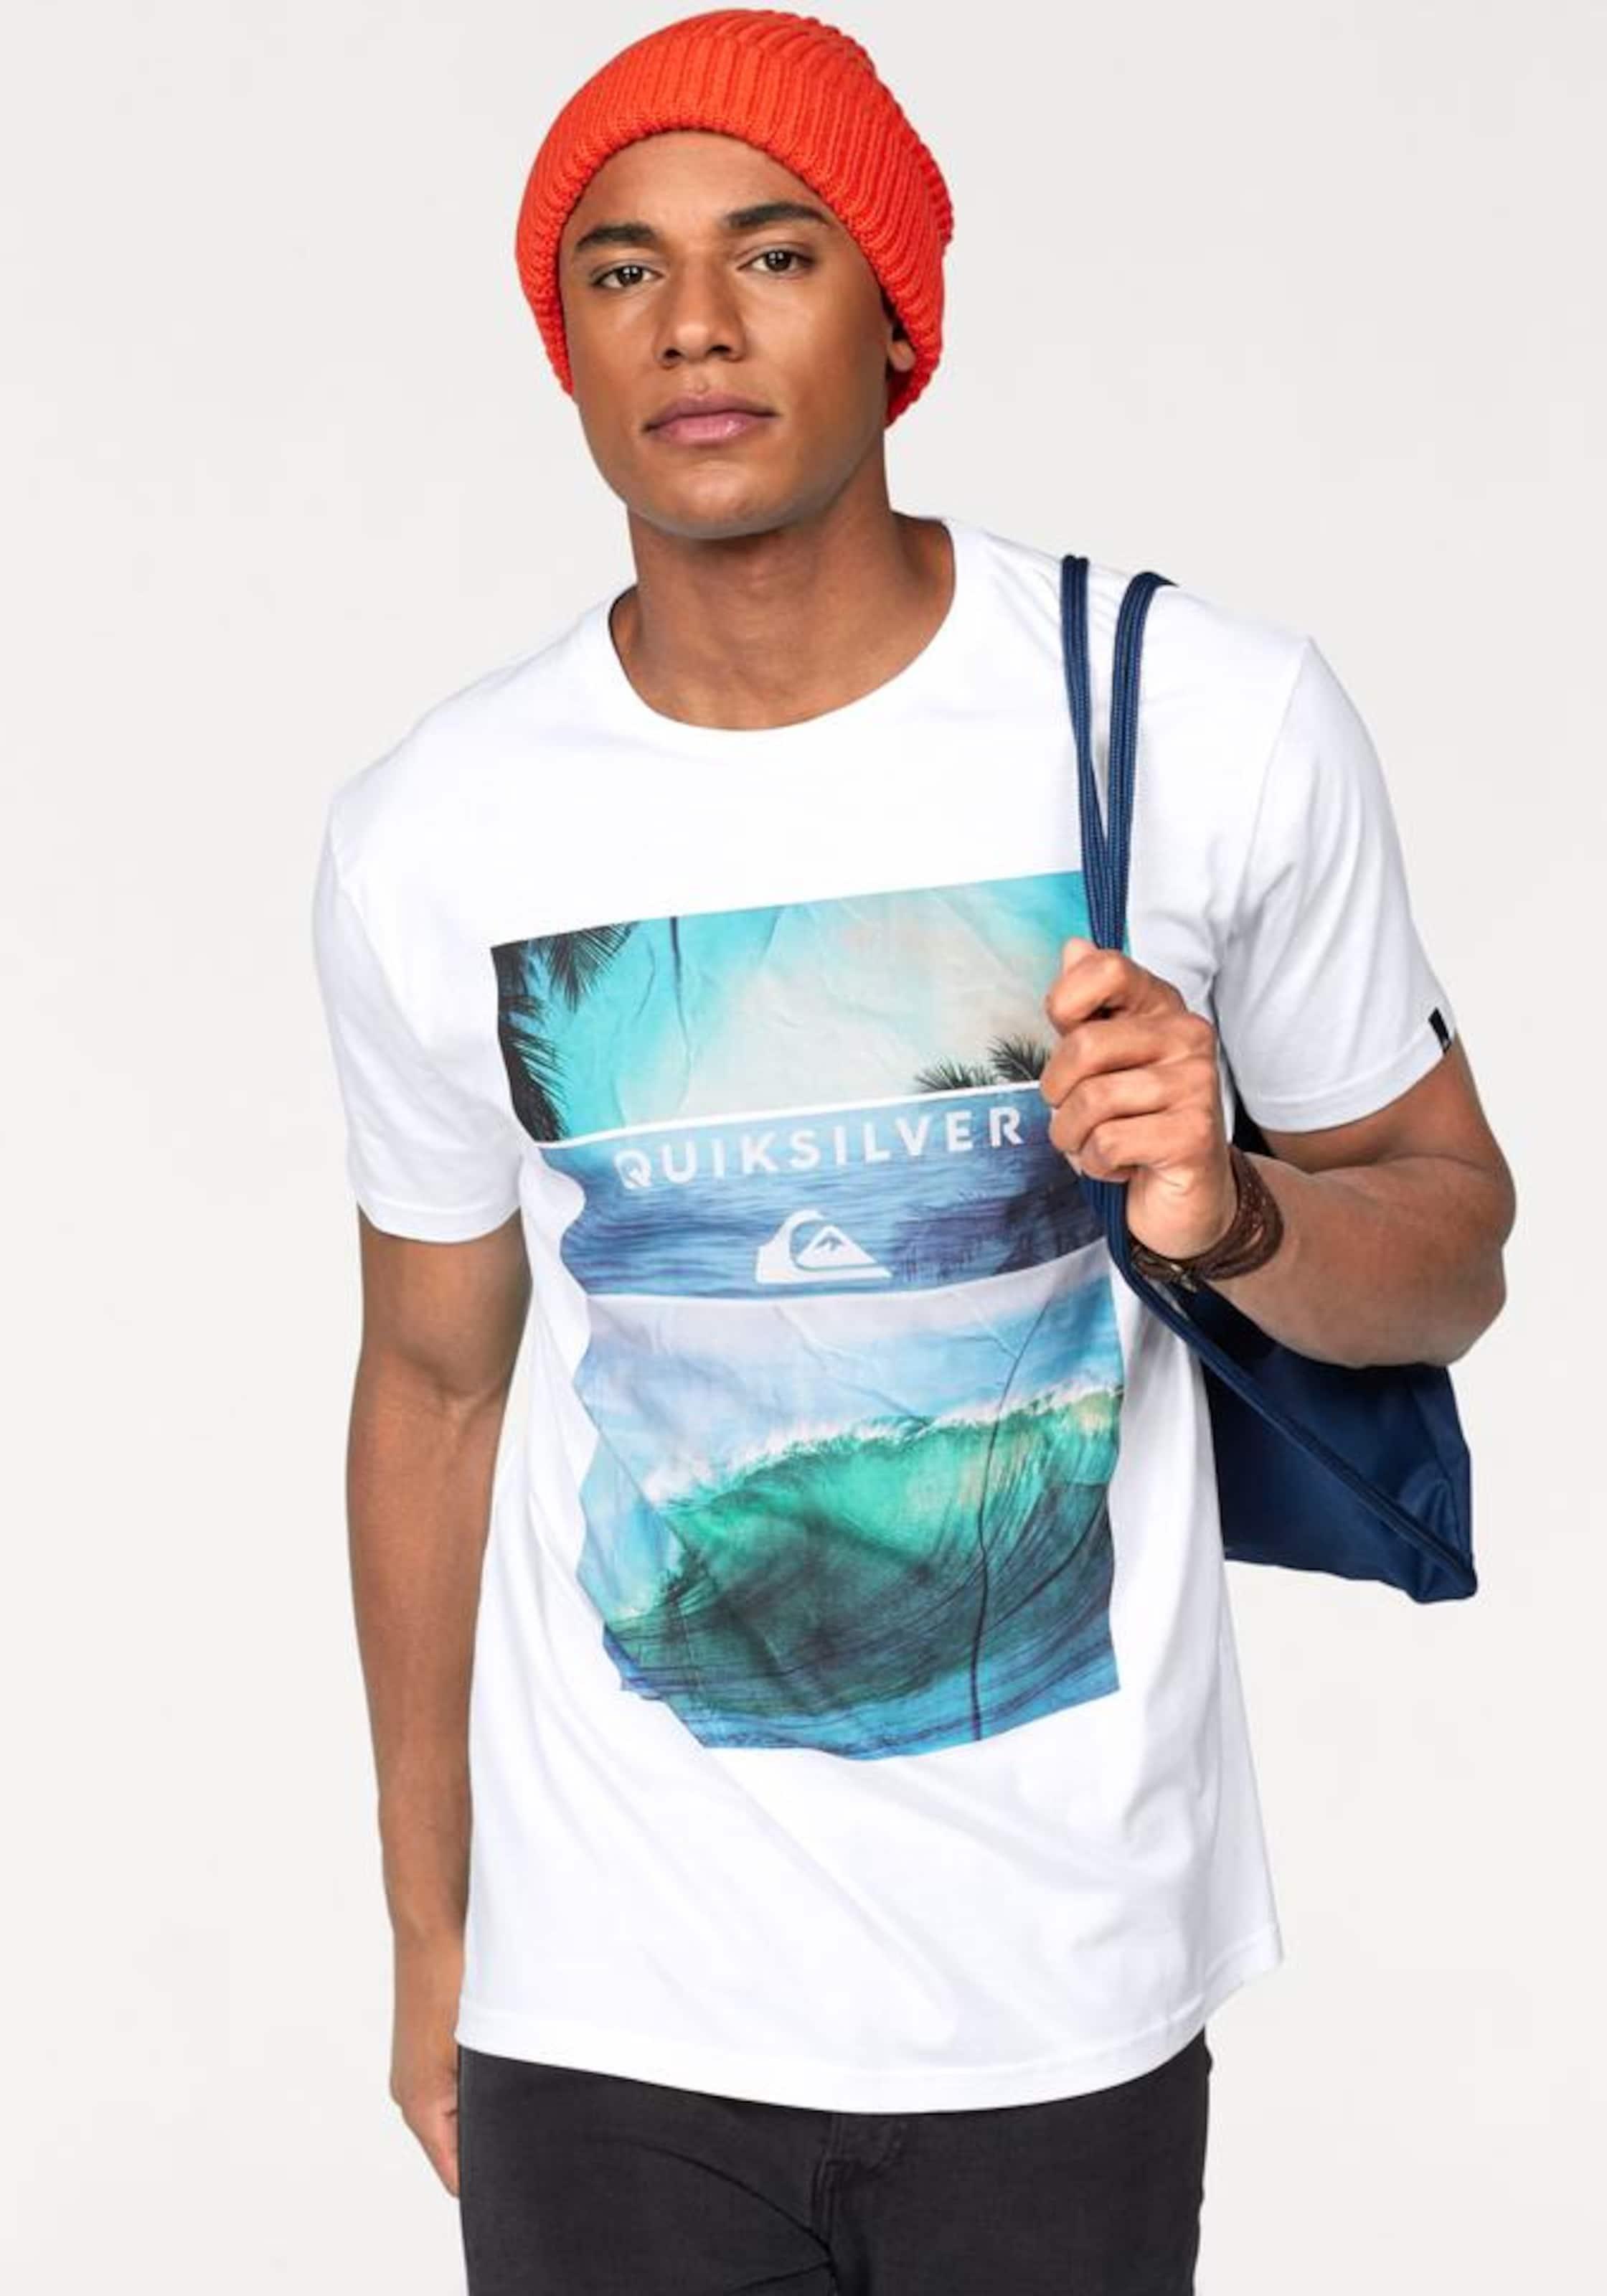 Günstige Austrittsstellen Billig Verkaufen Hochwertige QUIKSILVER T-Shirt Fabrikverkauf Günstig Kaufen Finden Große QgkbhBWWUO